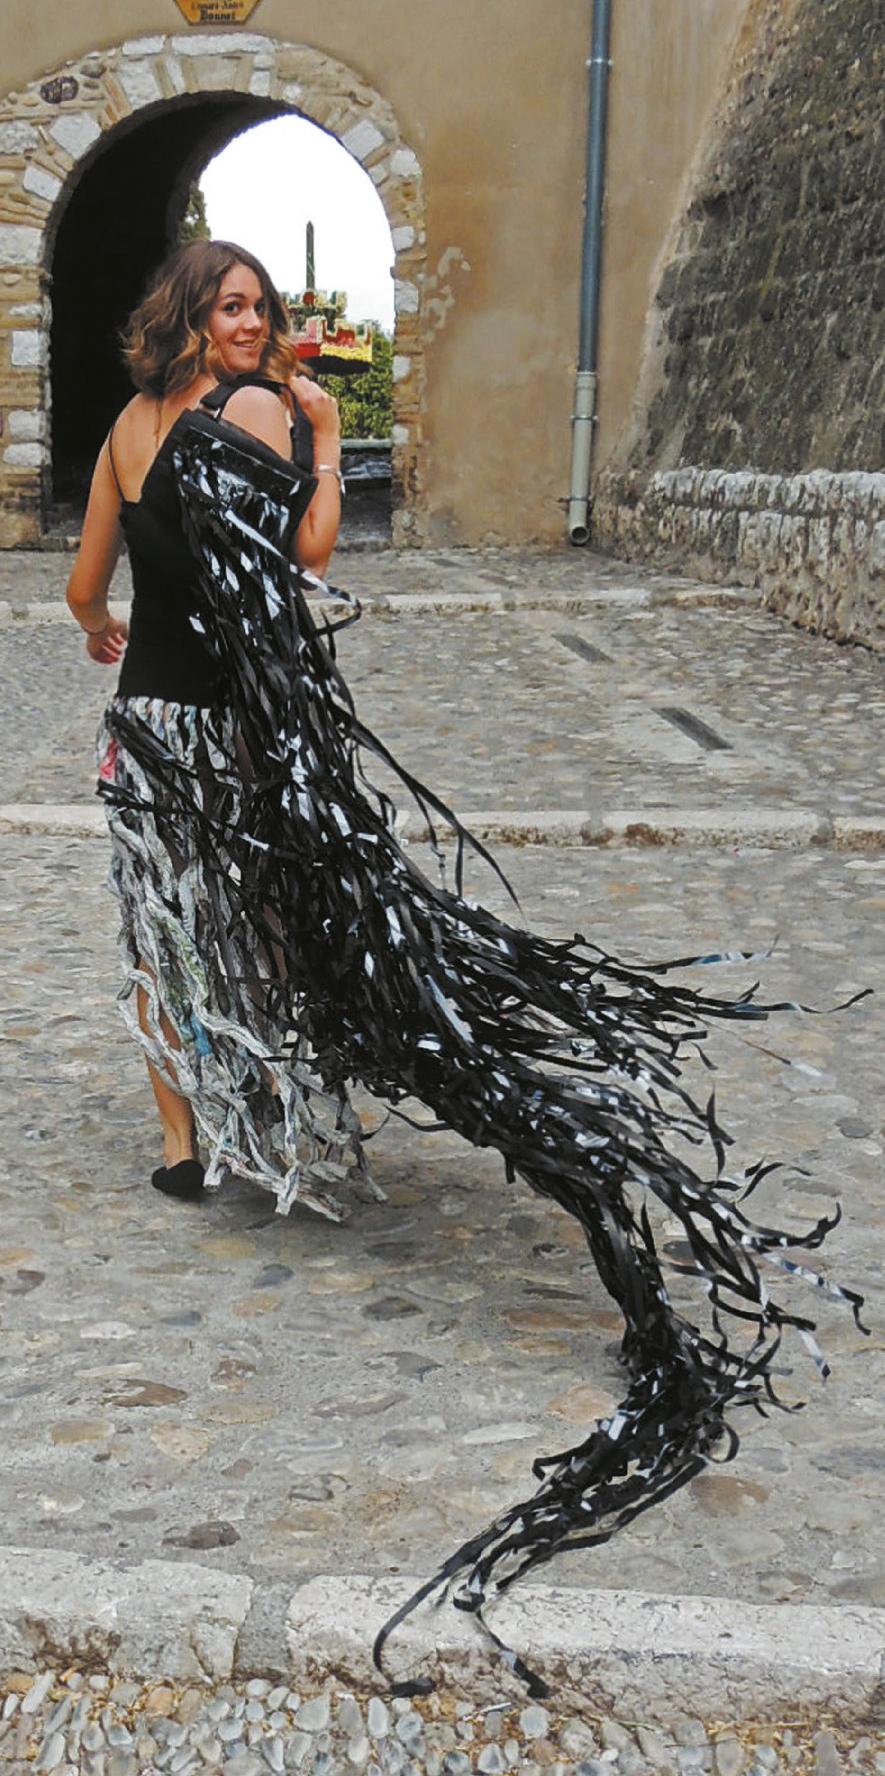 Lot 46 - Matteoda Jacqueline (1943) Robe noire - Paper sculpture -